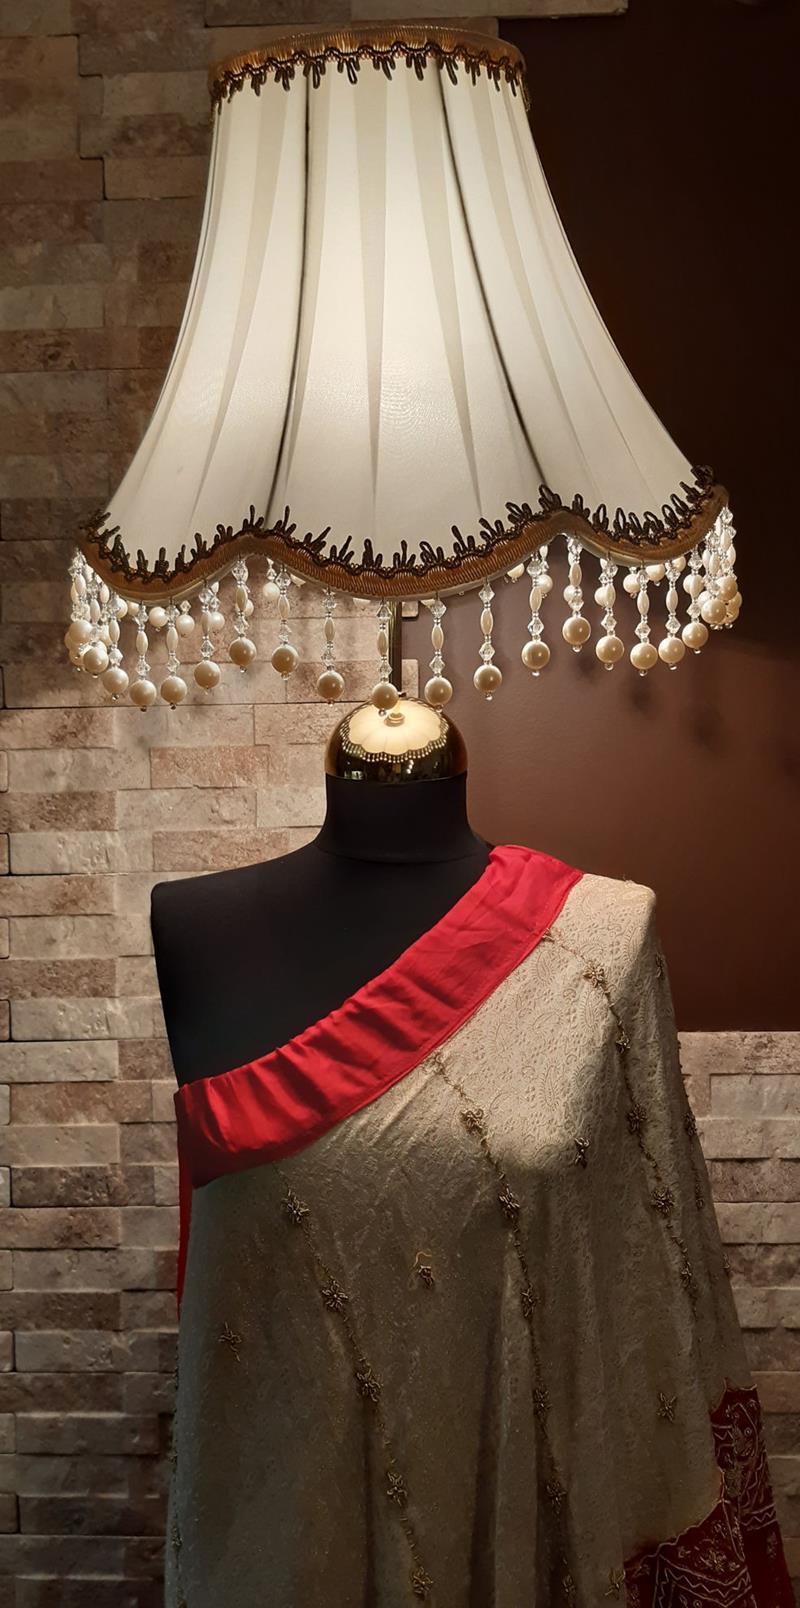 Otantik 40+ senelik el yapımı ağır işlemeli giysili incili başlıklı gösterişli kadın lambader resmi